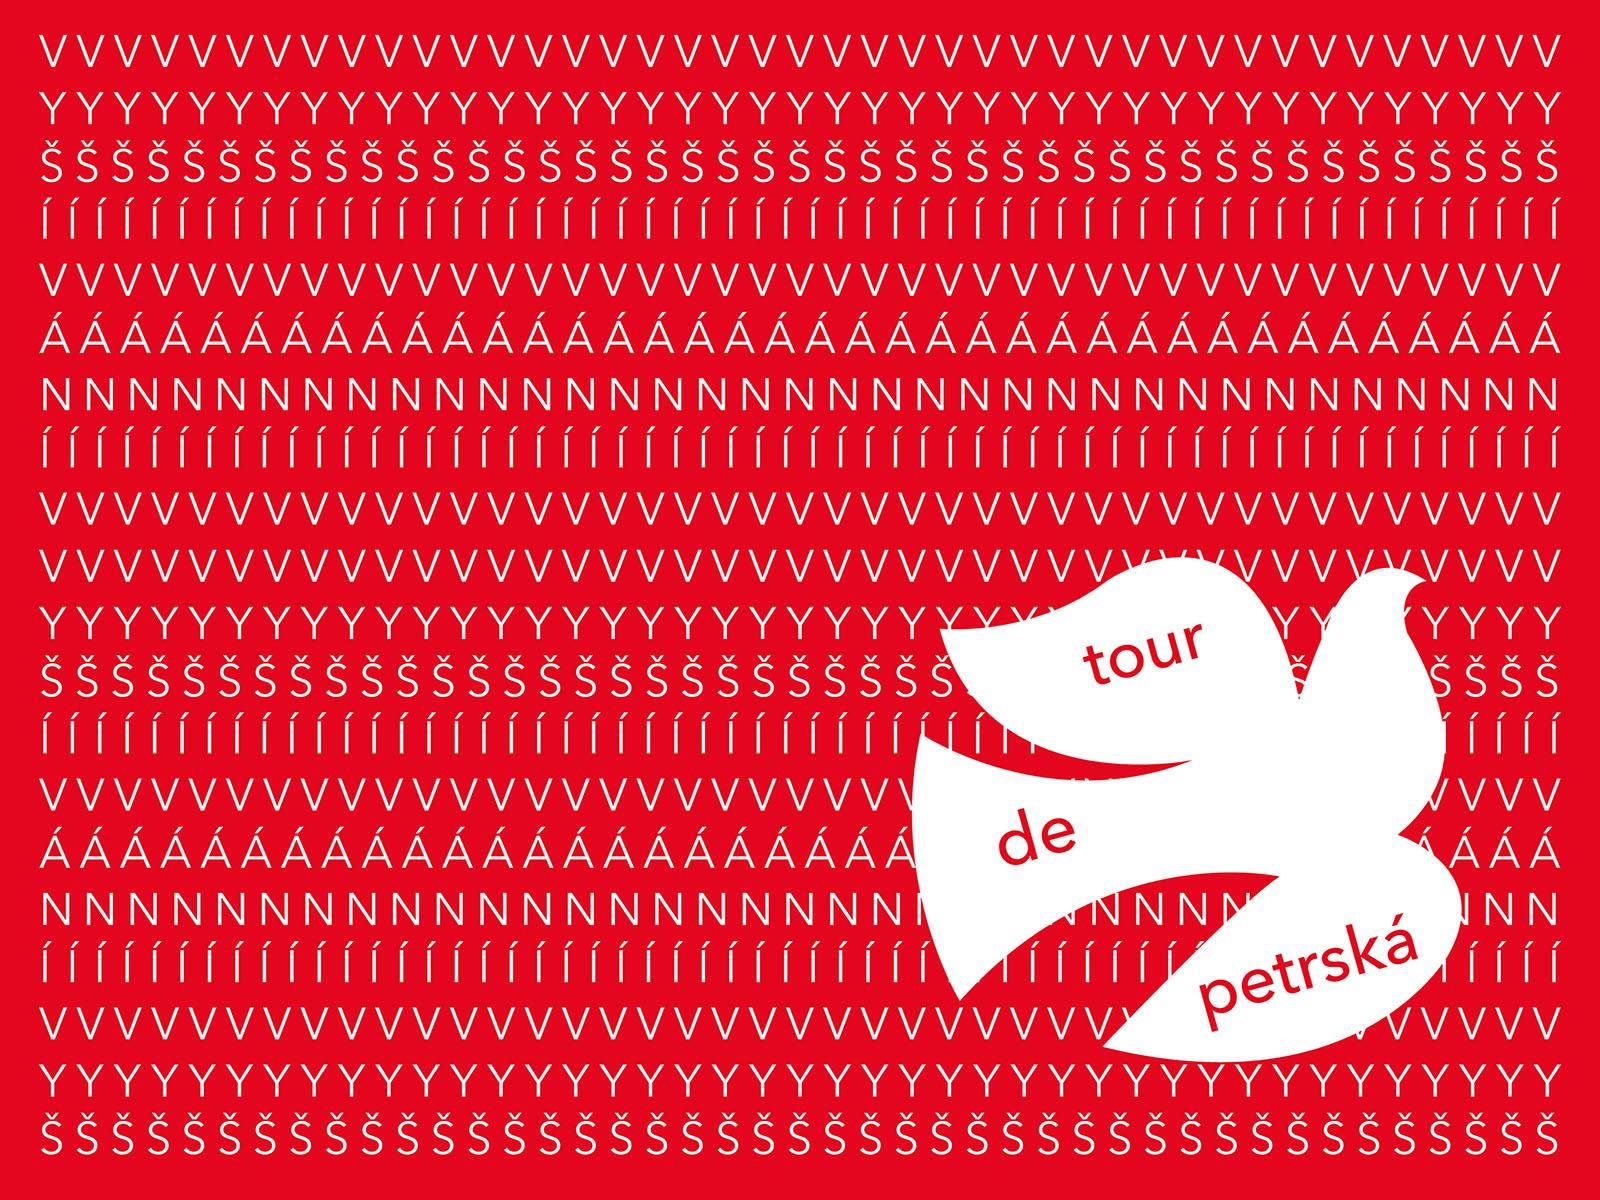 Tour de Petrská Vyšívání 2019